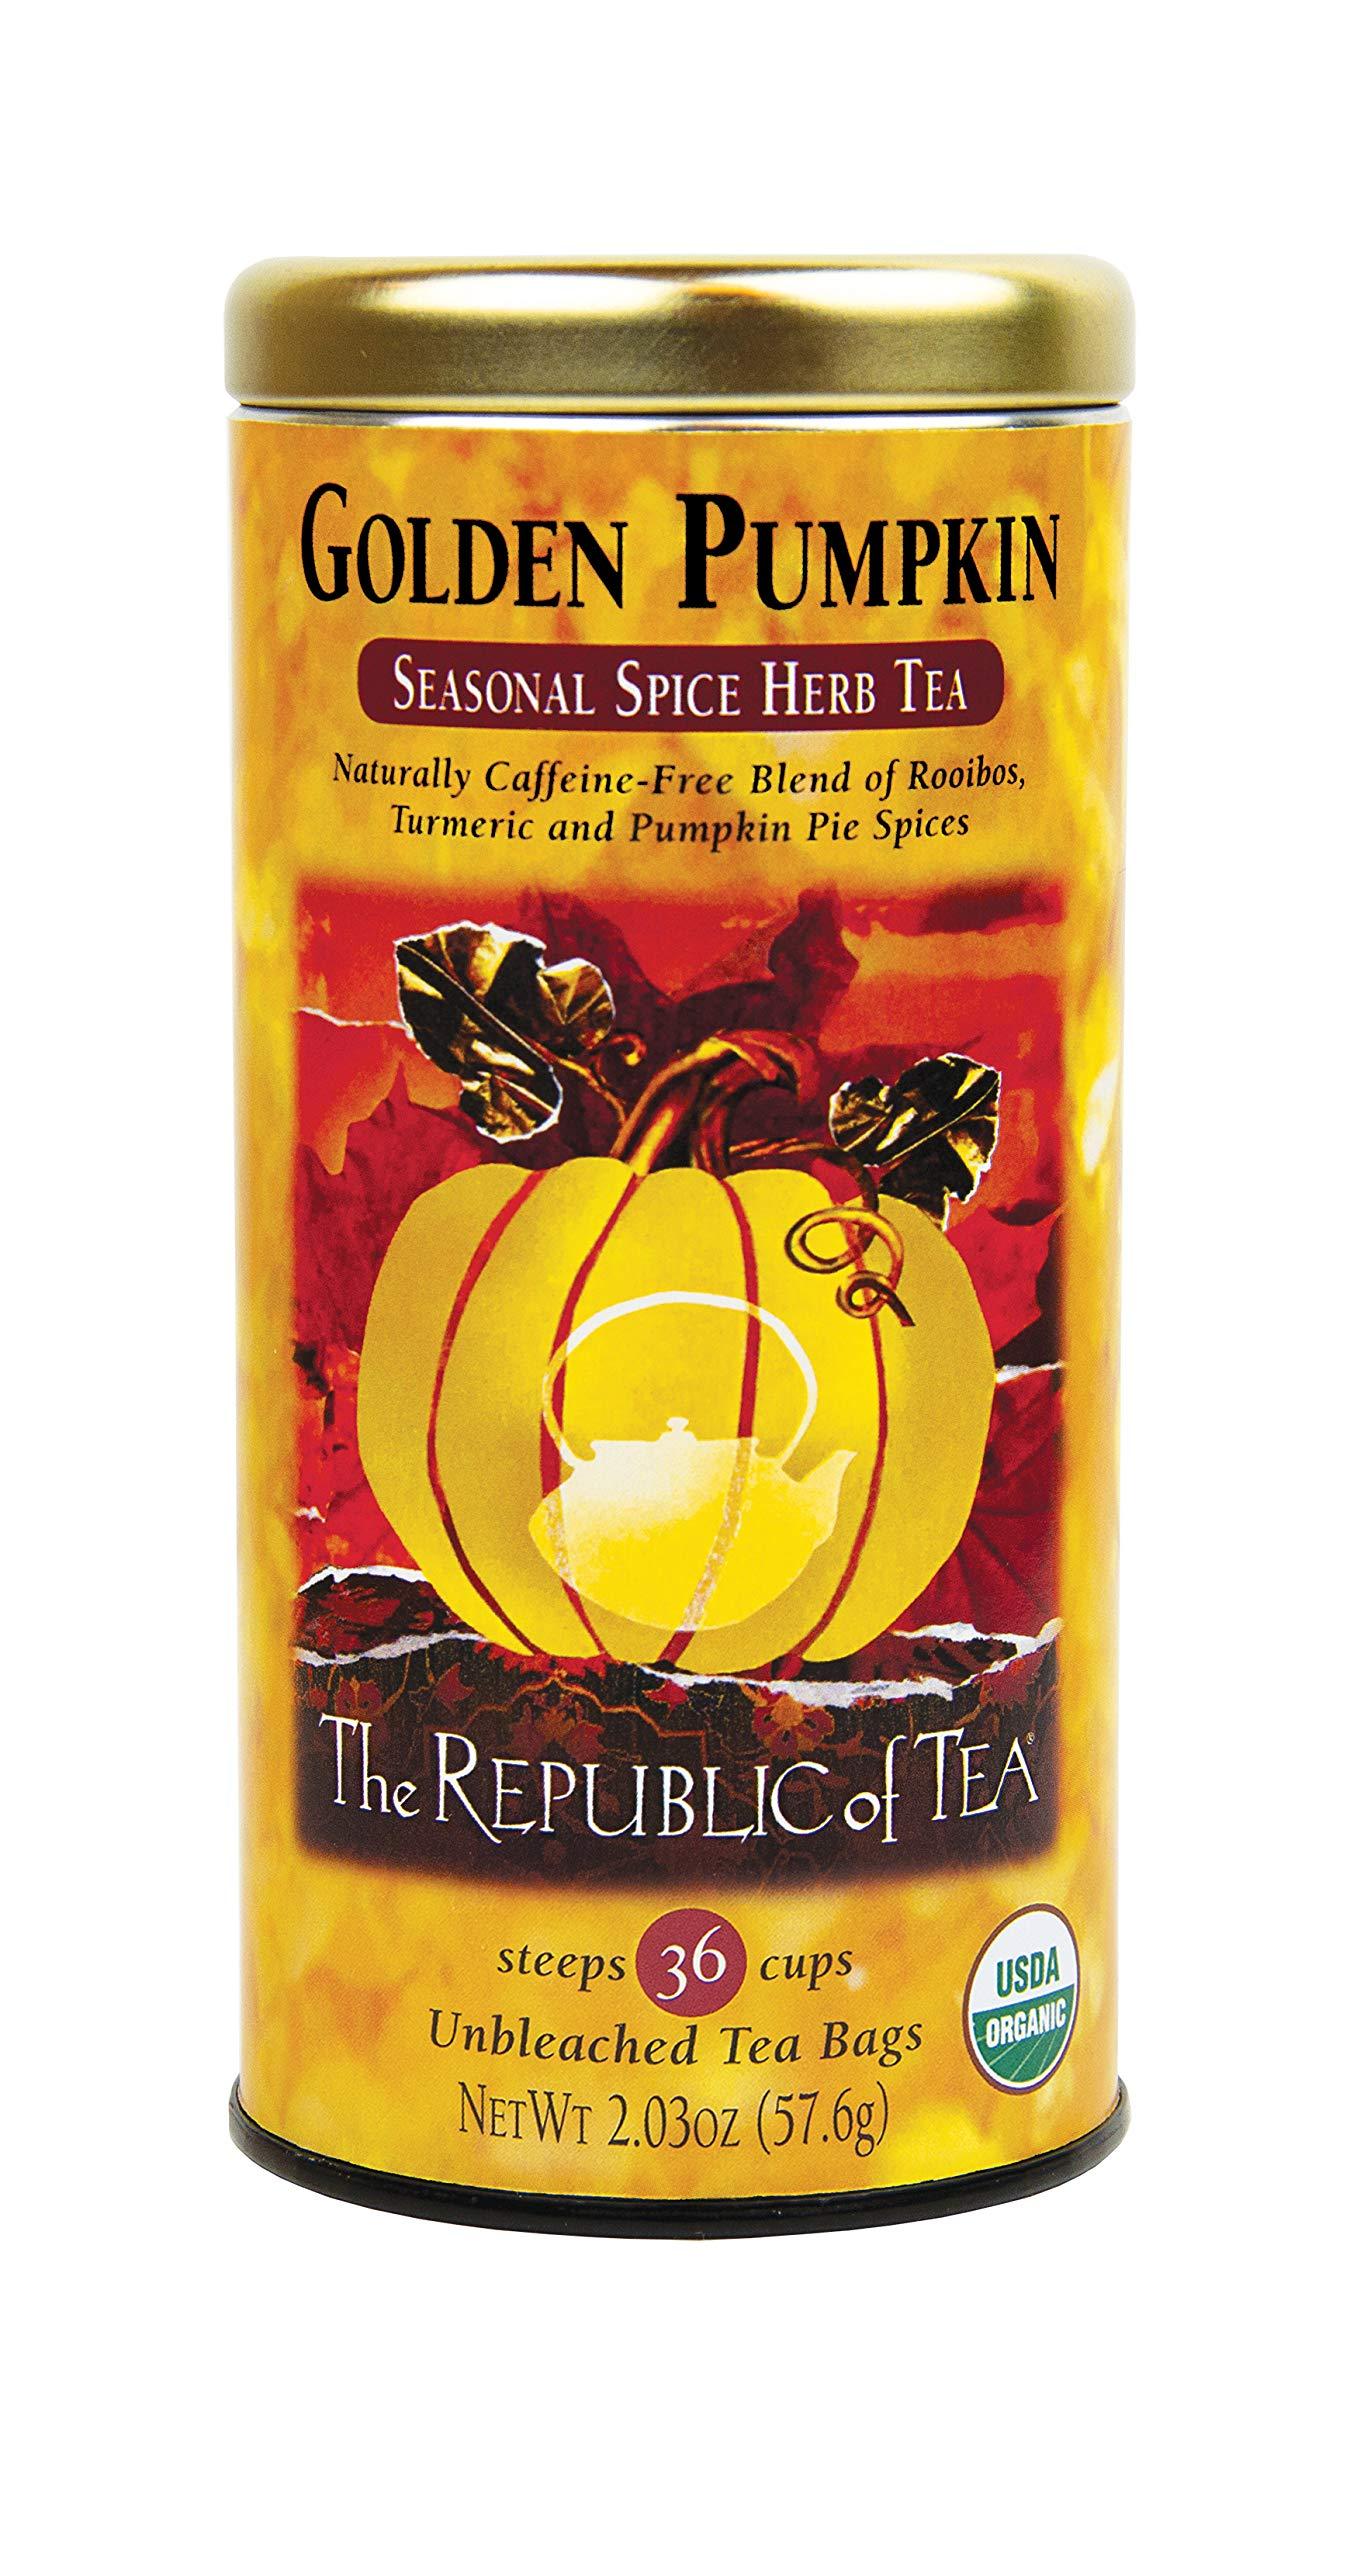 The Republic of Tea Golden Pumpkin Herbal Tea, Seasonal Spice Herb Tea, 36 count by The Republic of Tea